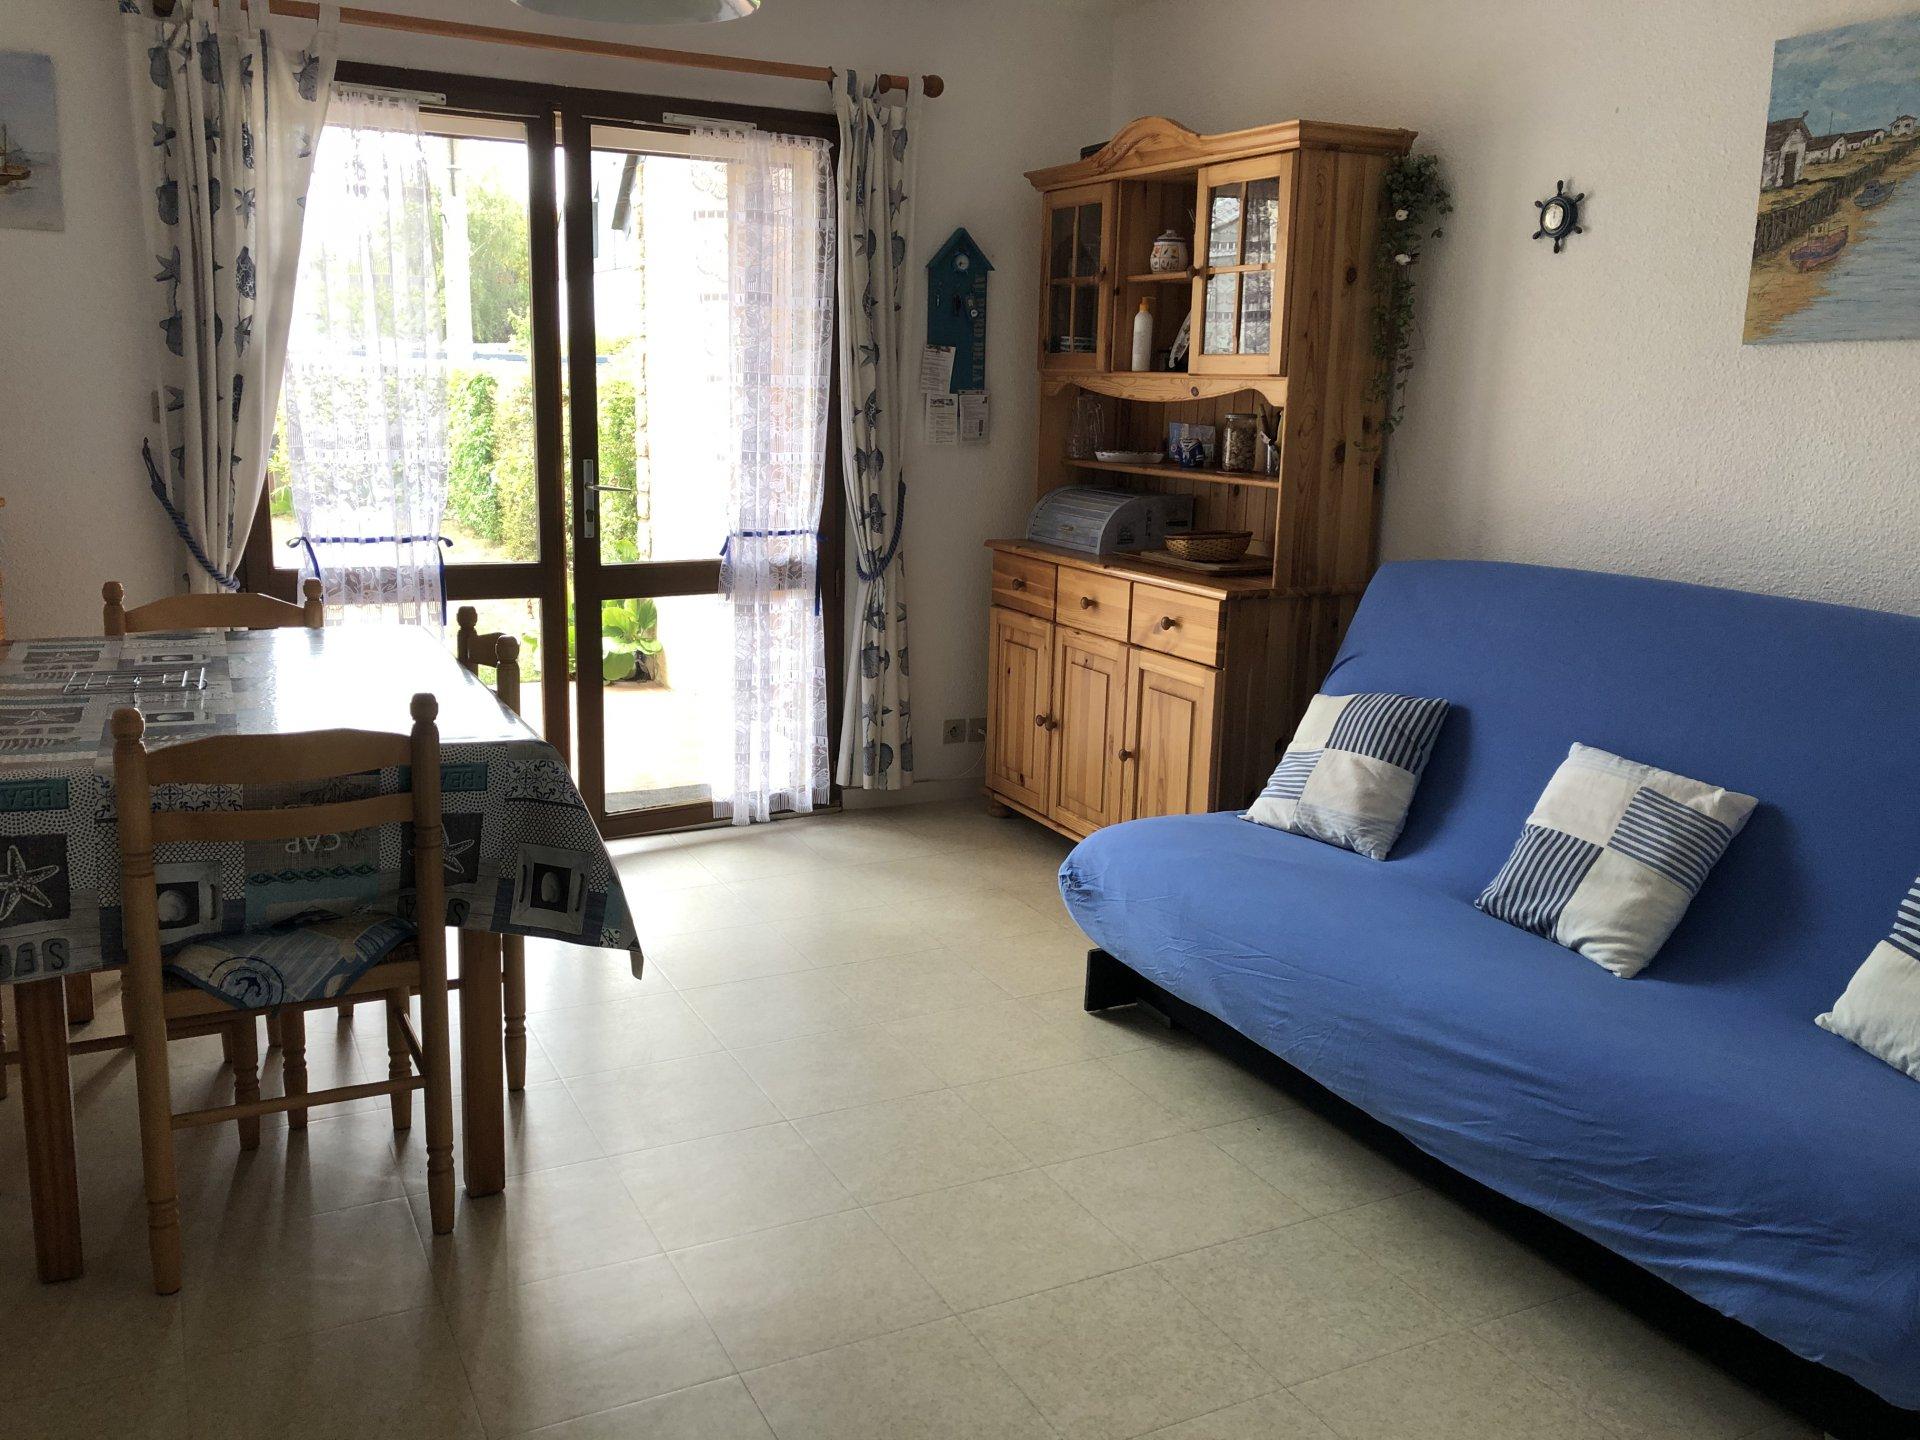 Appartement à louer à Damgan Terrasse et jardinet, plage à pied pour cette location vacances